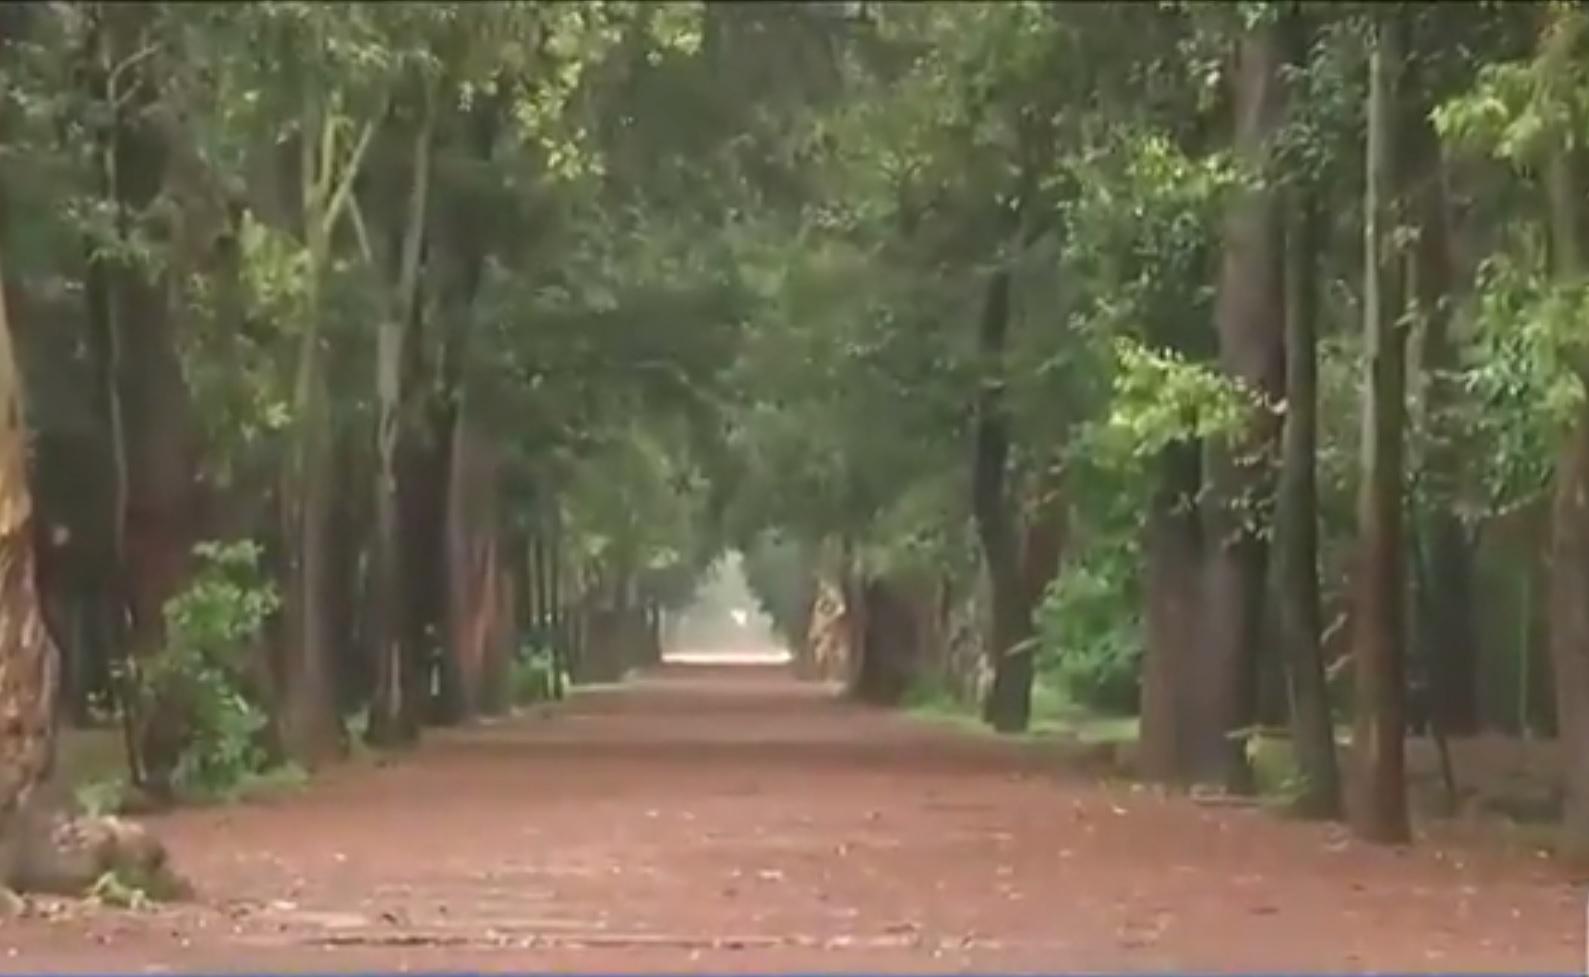 Cierran el parque viveros de coyoac n por mantenimiento for Viveros zona sur